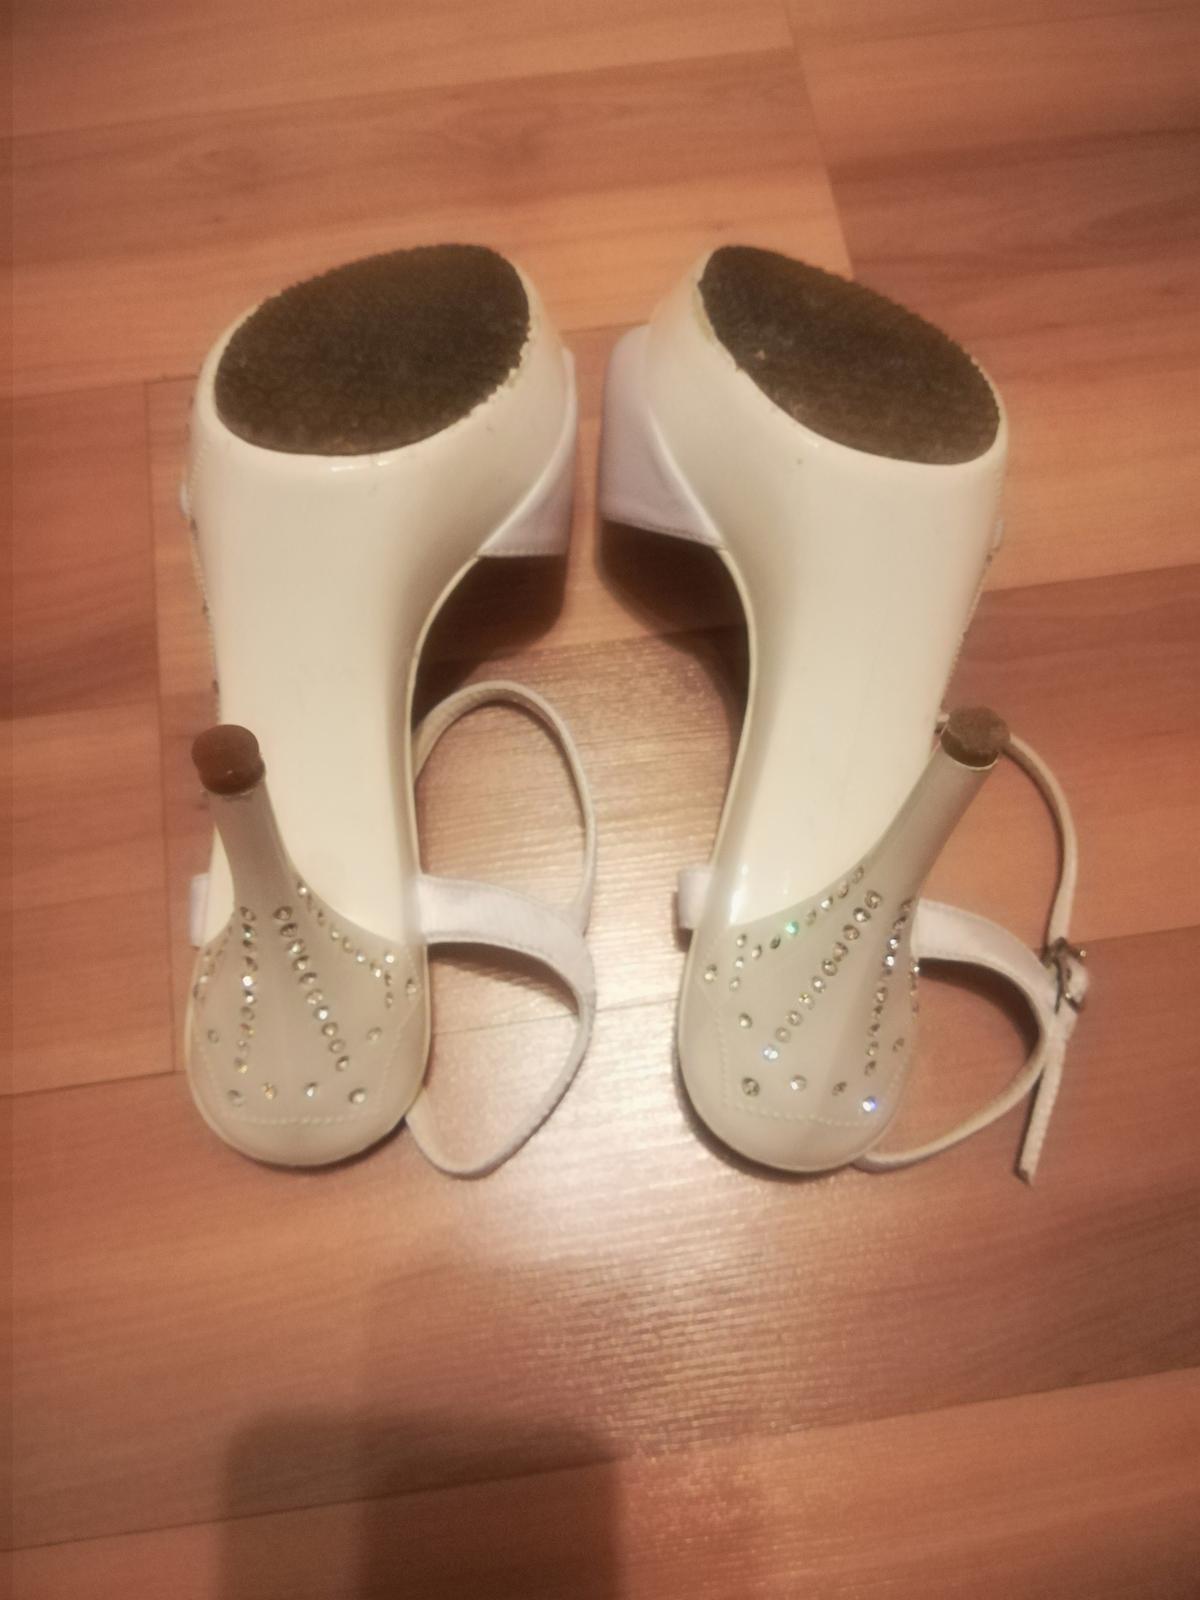 Kamienkove sandále  - Obrázok č. 2